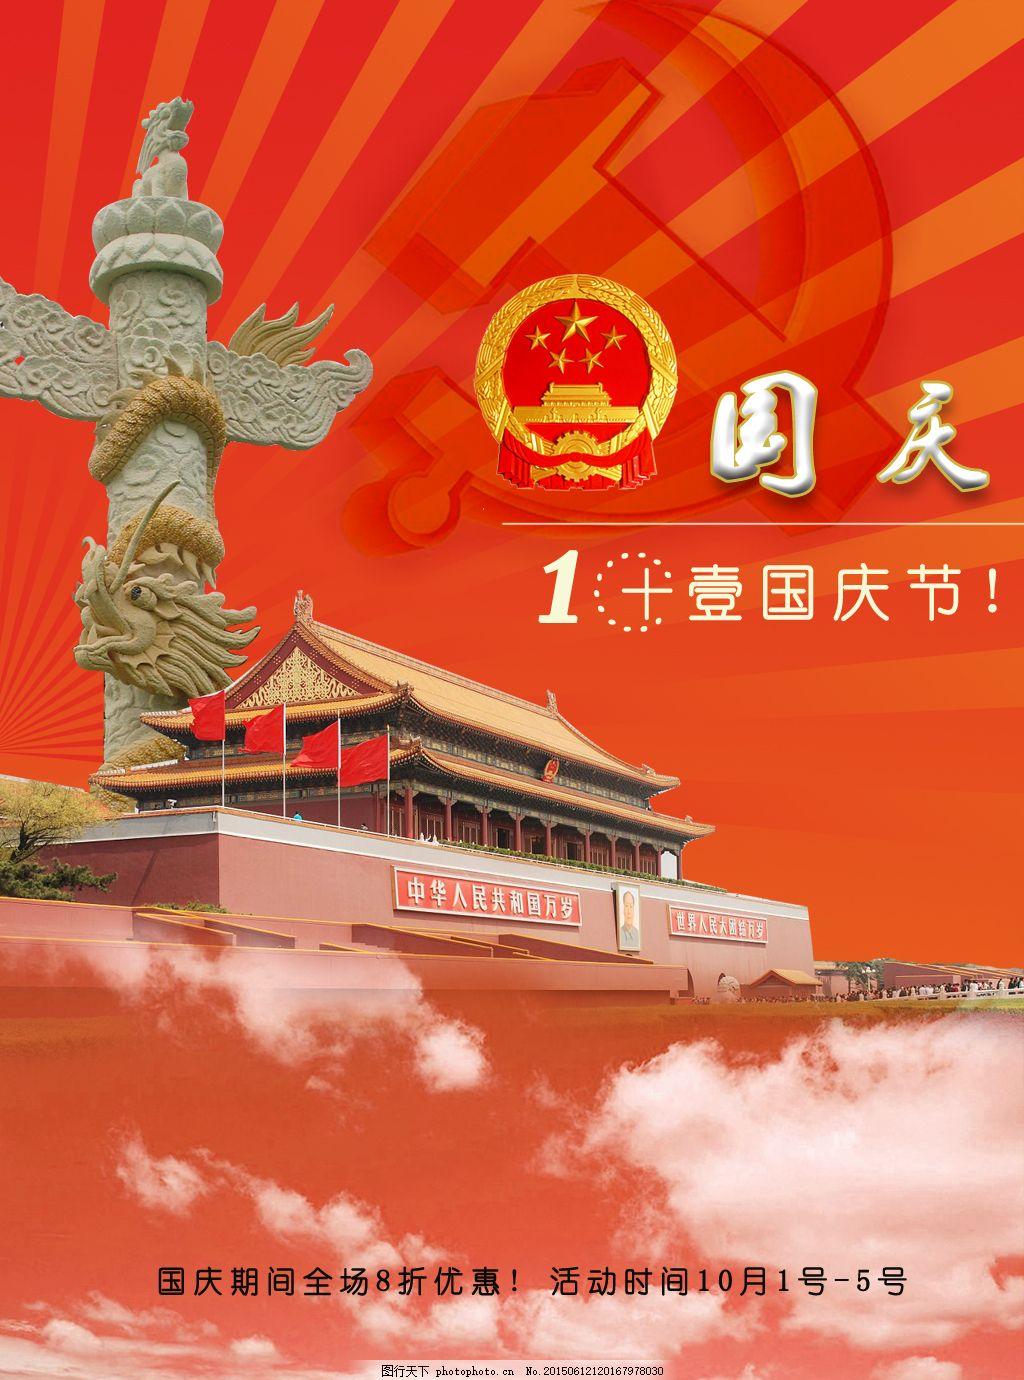 10月1号国庆节 国庆节 10月1号 华表 天安门 国庆 国庆素材 10壹国庆